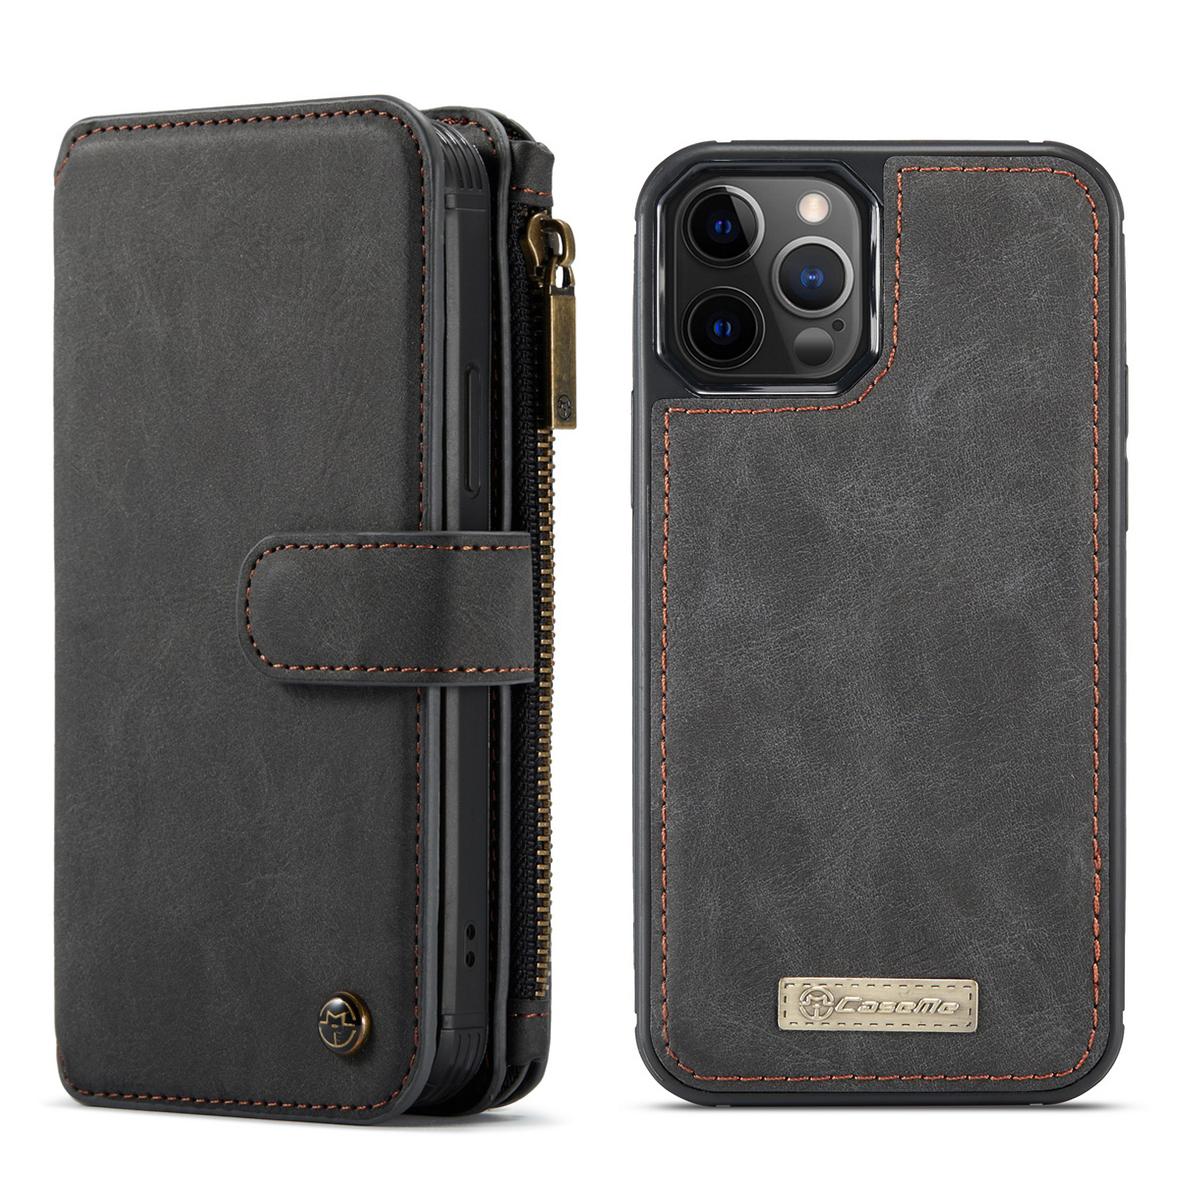 CaseMe läderfodral med magnetskal, iPhone 12 Pro Max, svart